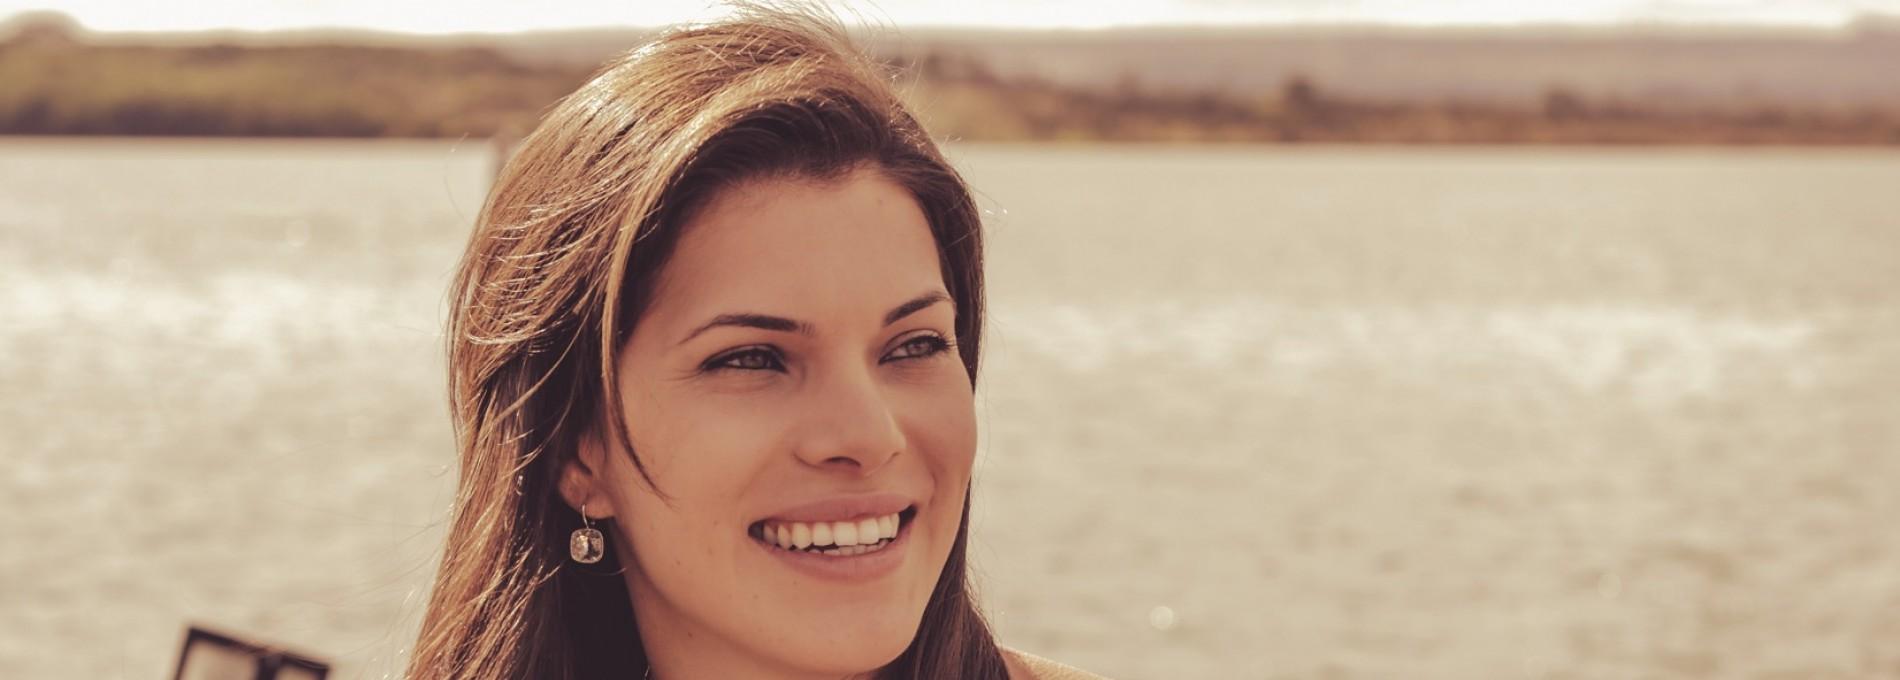 Erica de Paula: uma luta pelo direito de escolher